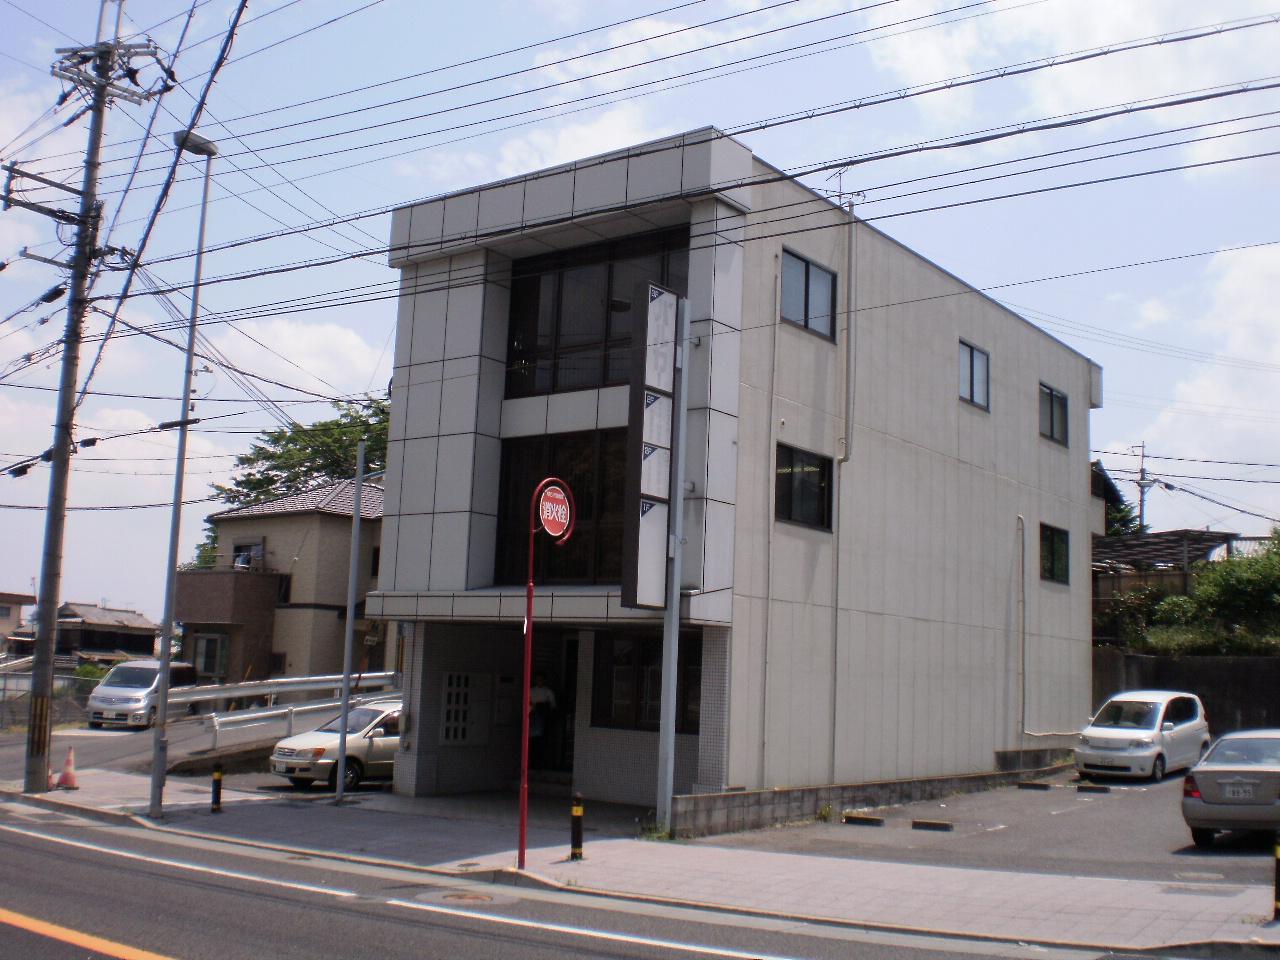 大津市 JR大津駅徒歩7分、教室、事務所向き3Fテナント。